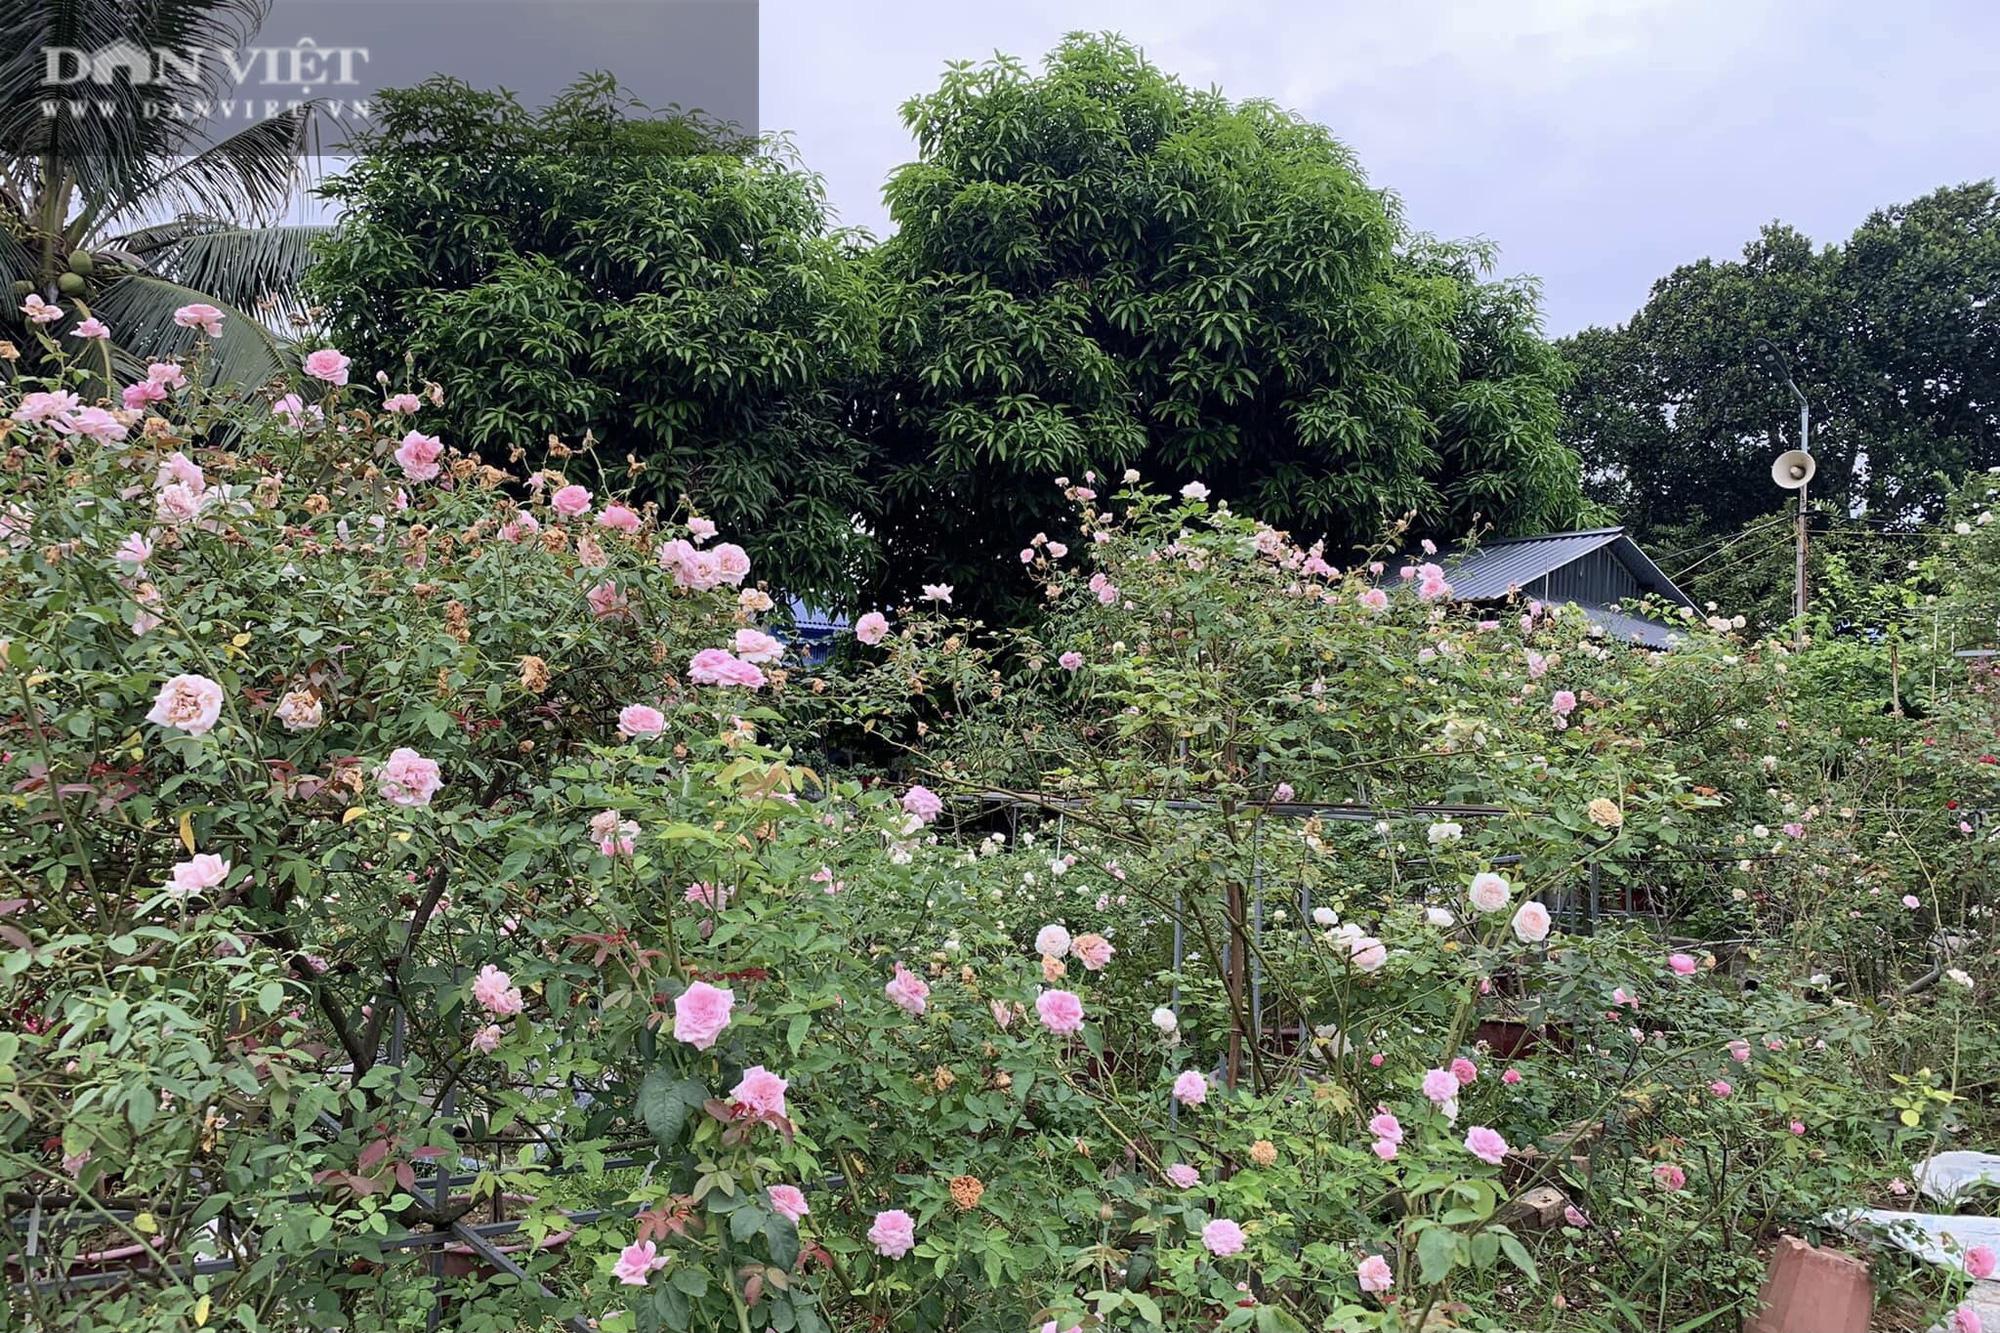 """Thái Nguyên: Trai trẻ 8X """"gác"""" bằng đại học về quê trồng thứ hoa thơm ngát cả vùng, kiếm hàng chục triệu đồng mỗi tháng - Ảnh 7."""